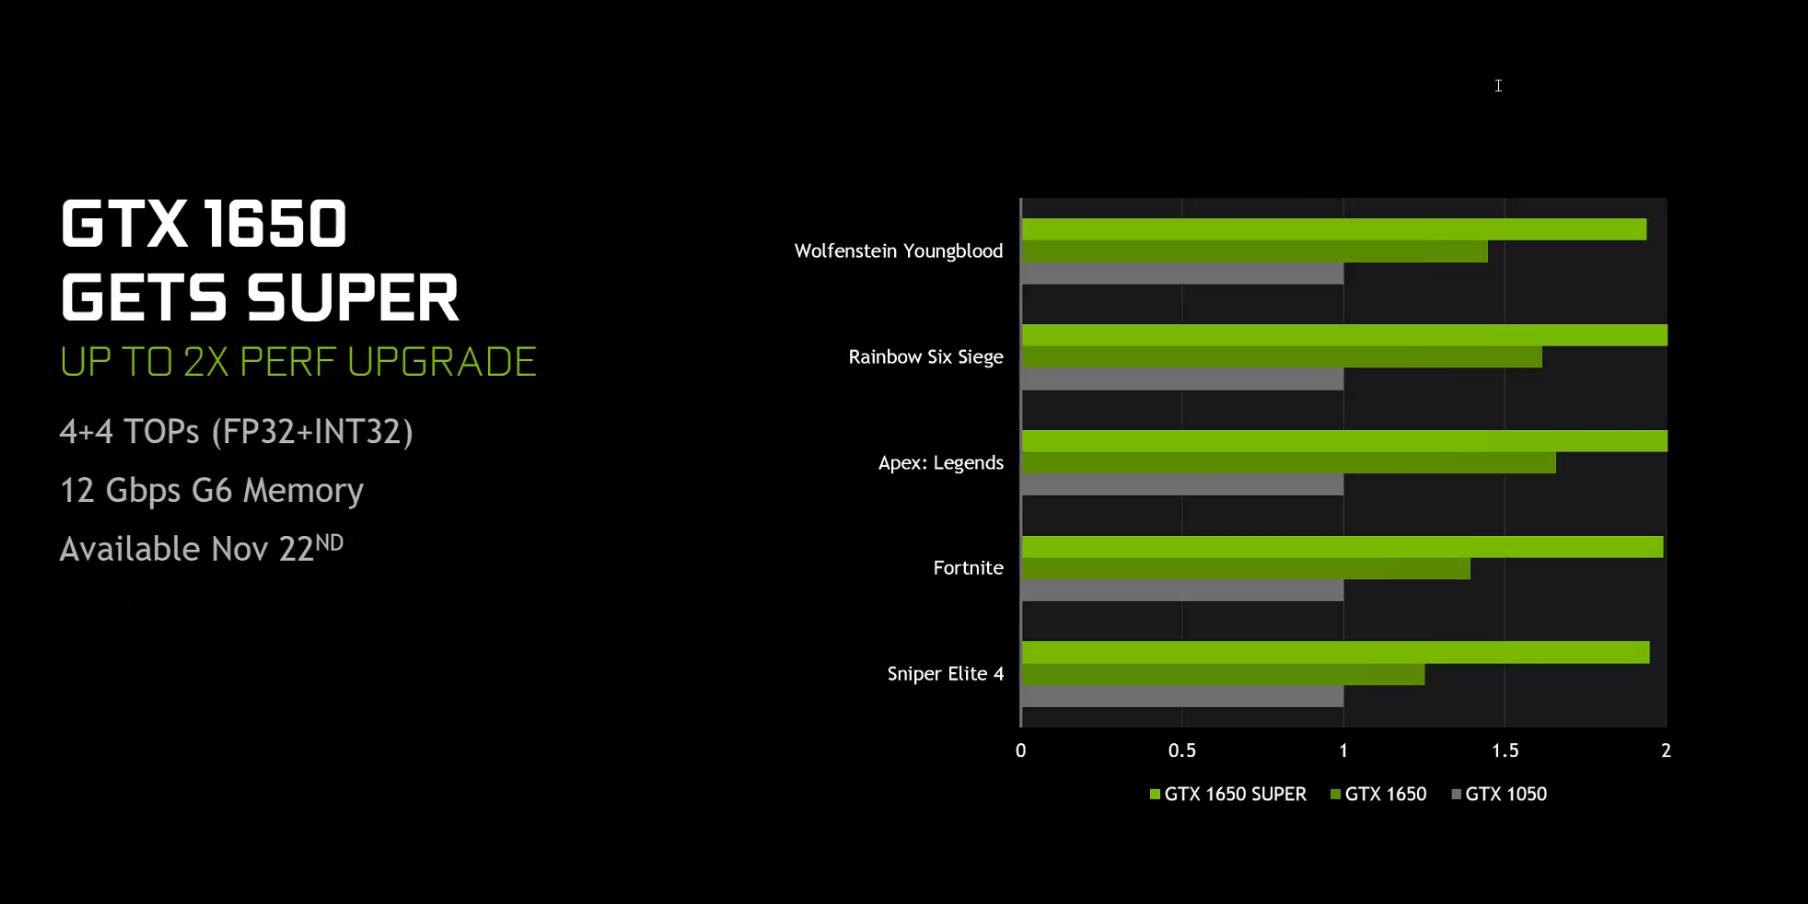 Co nowego u Nvidii? Chociażby GTX 1660 SUPER i GTX 1650 SUPER 23